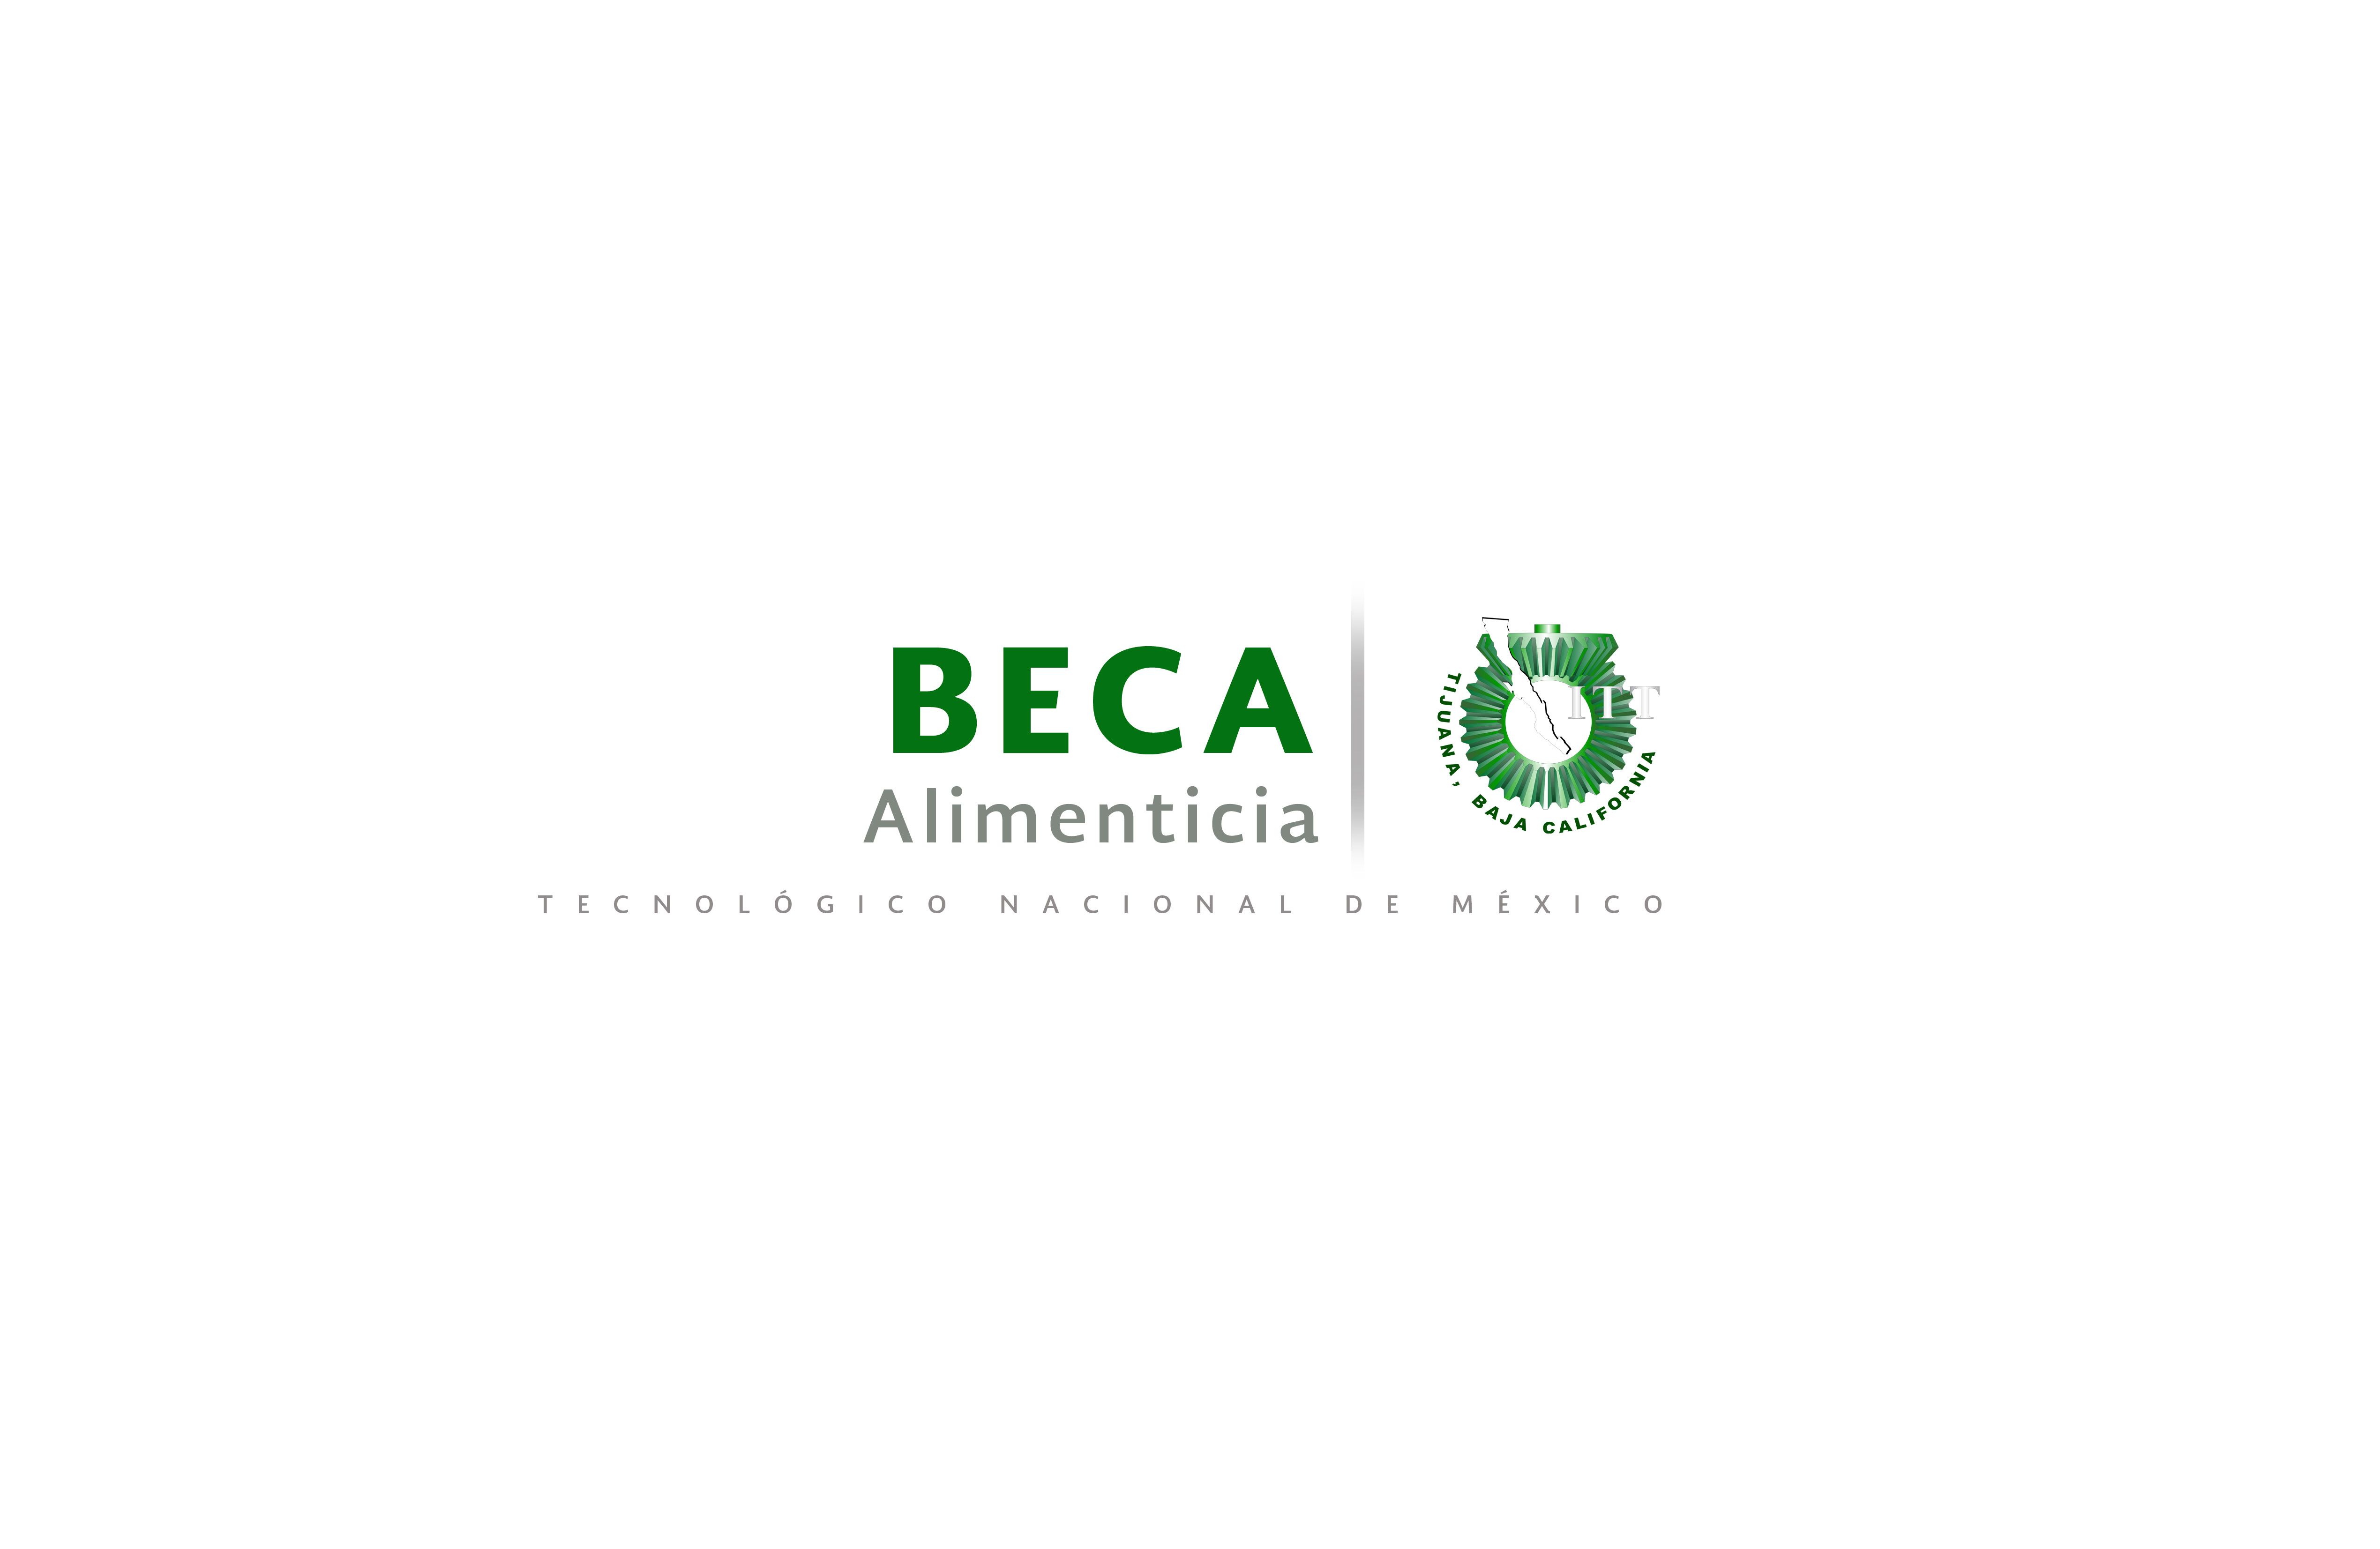 Instituto tecnol gico de tijuana convocatoria beca alimenticia 2017 - Becas de comedor 2017 ...